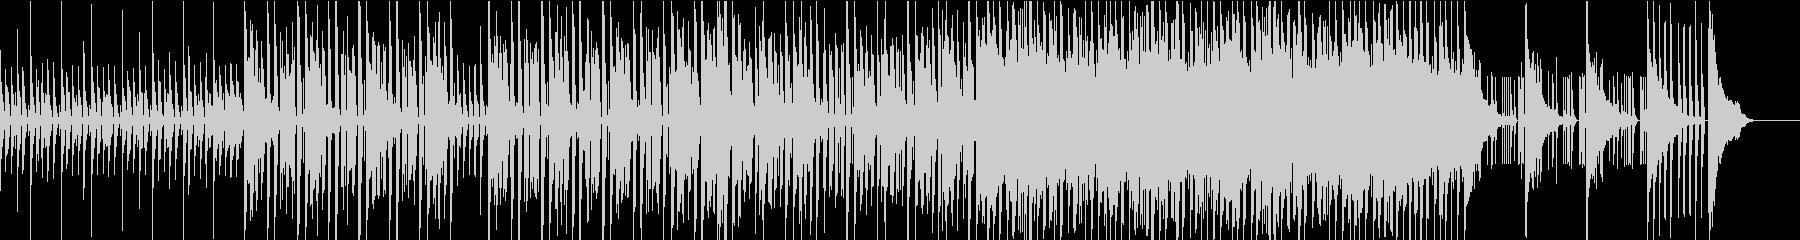 エレクトロな展開してループするBGMの未再生の波形